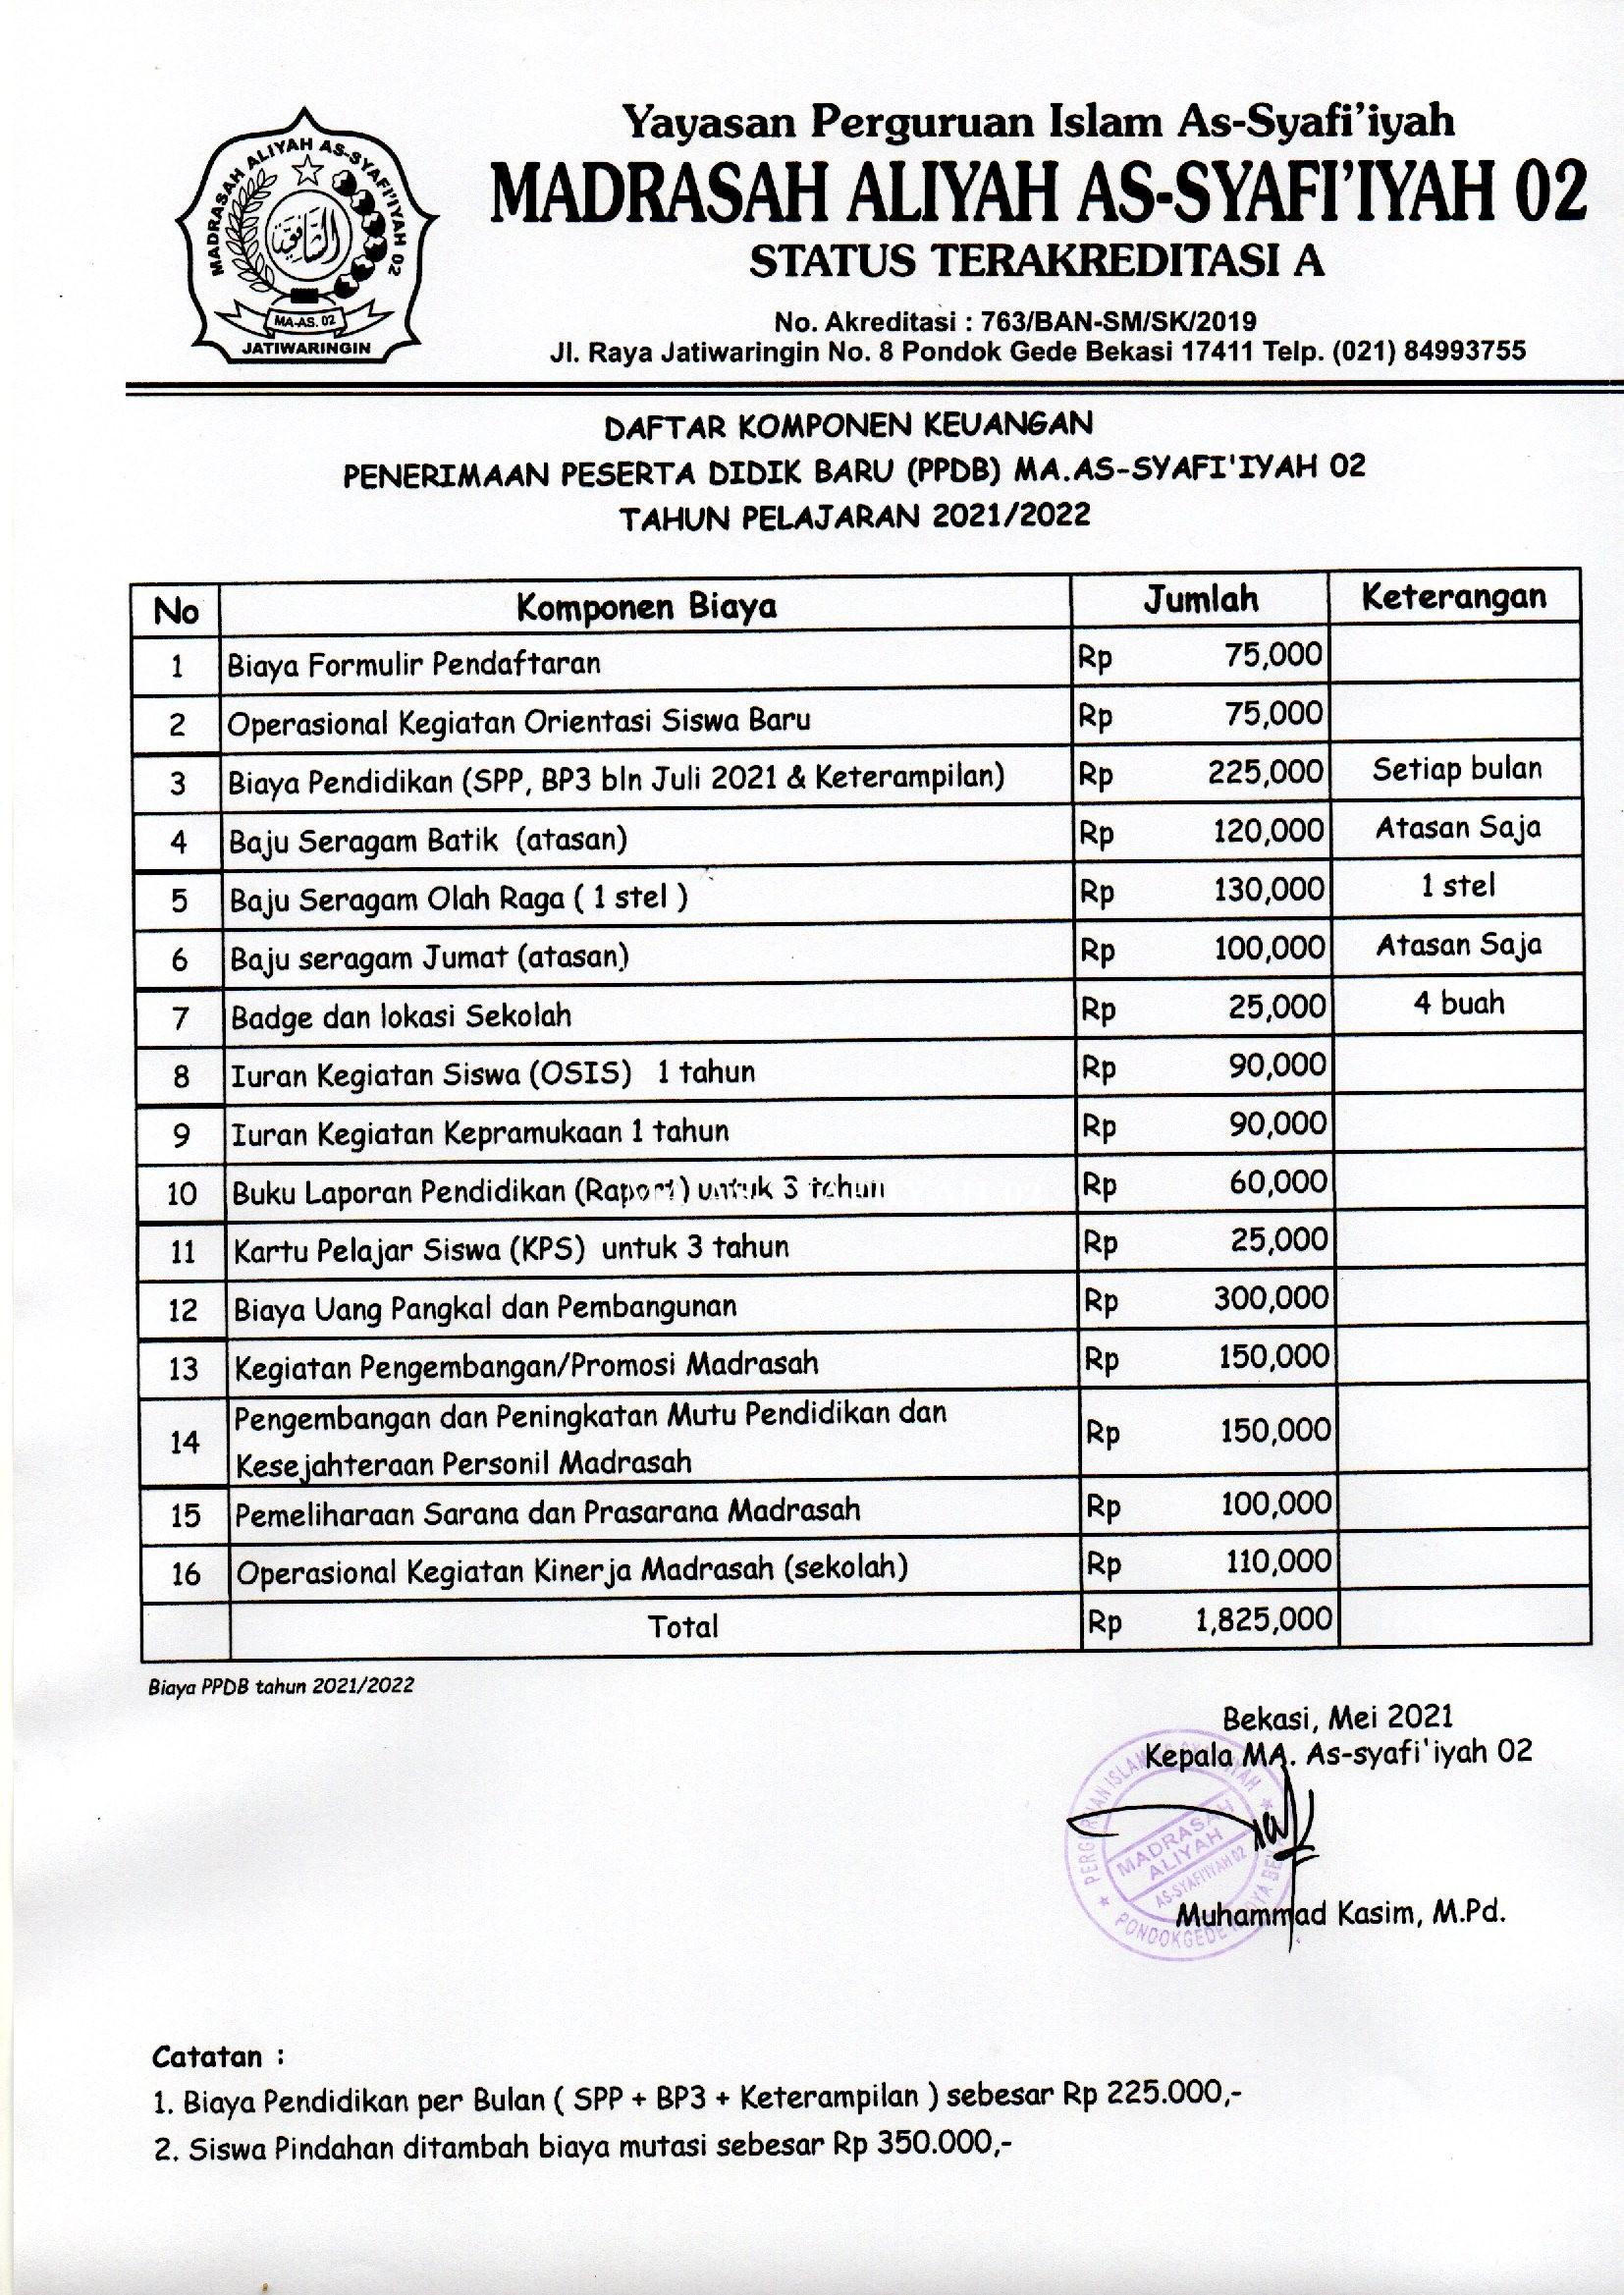 Biaya Pendaftaran